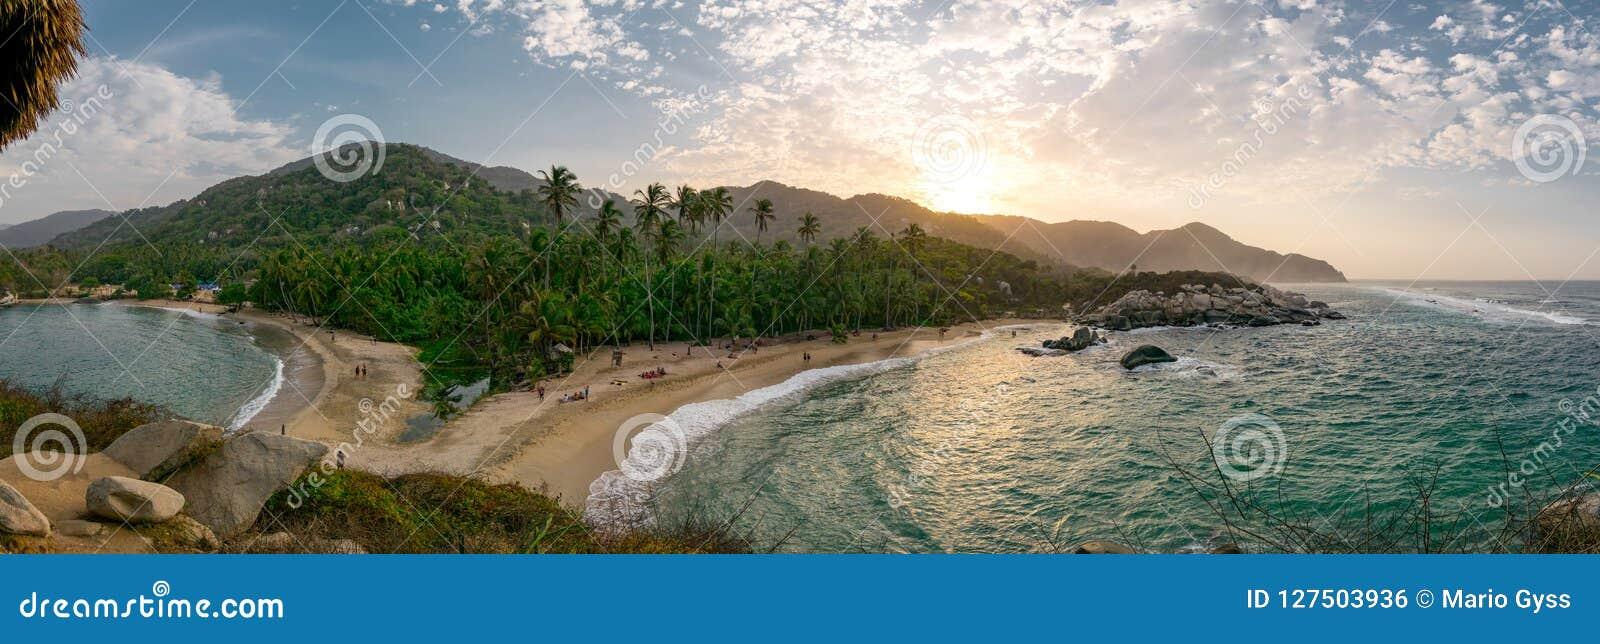 Mooi eenzaam Caraïbisch strand met palmen in het Nationale Park van Tayrona, Colombia